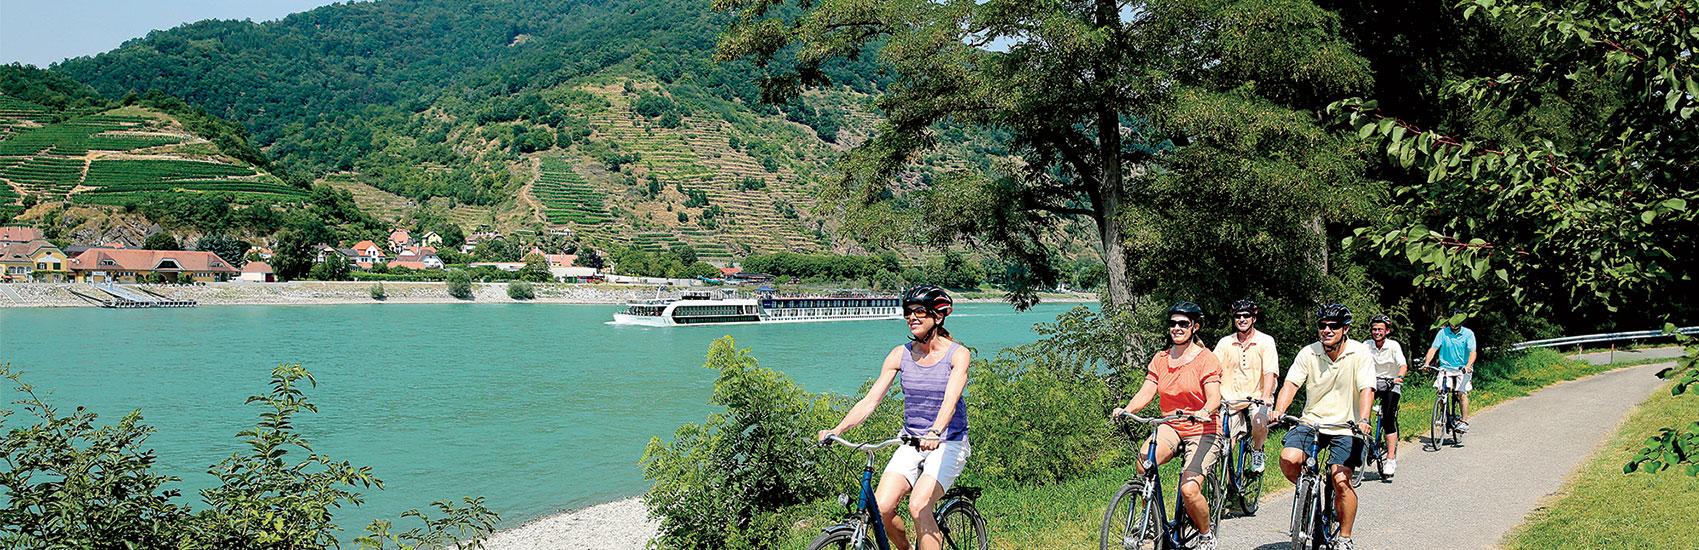 Savings on European River Cruising with AmaWaterways 4